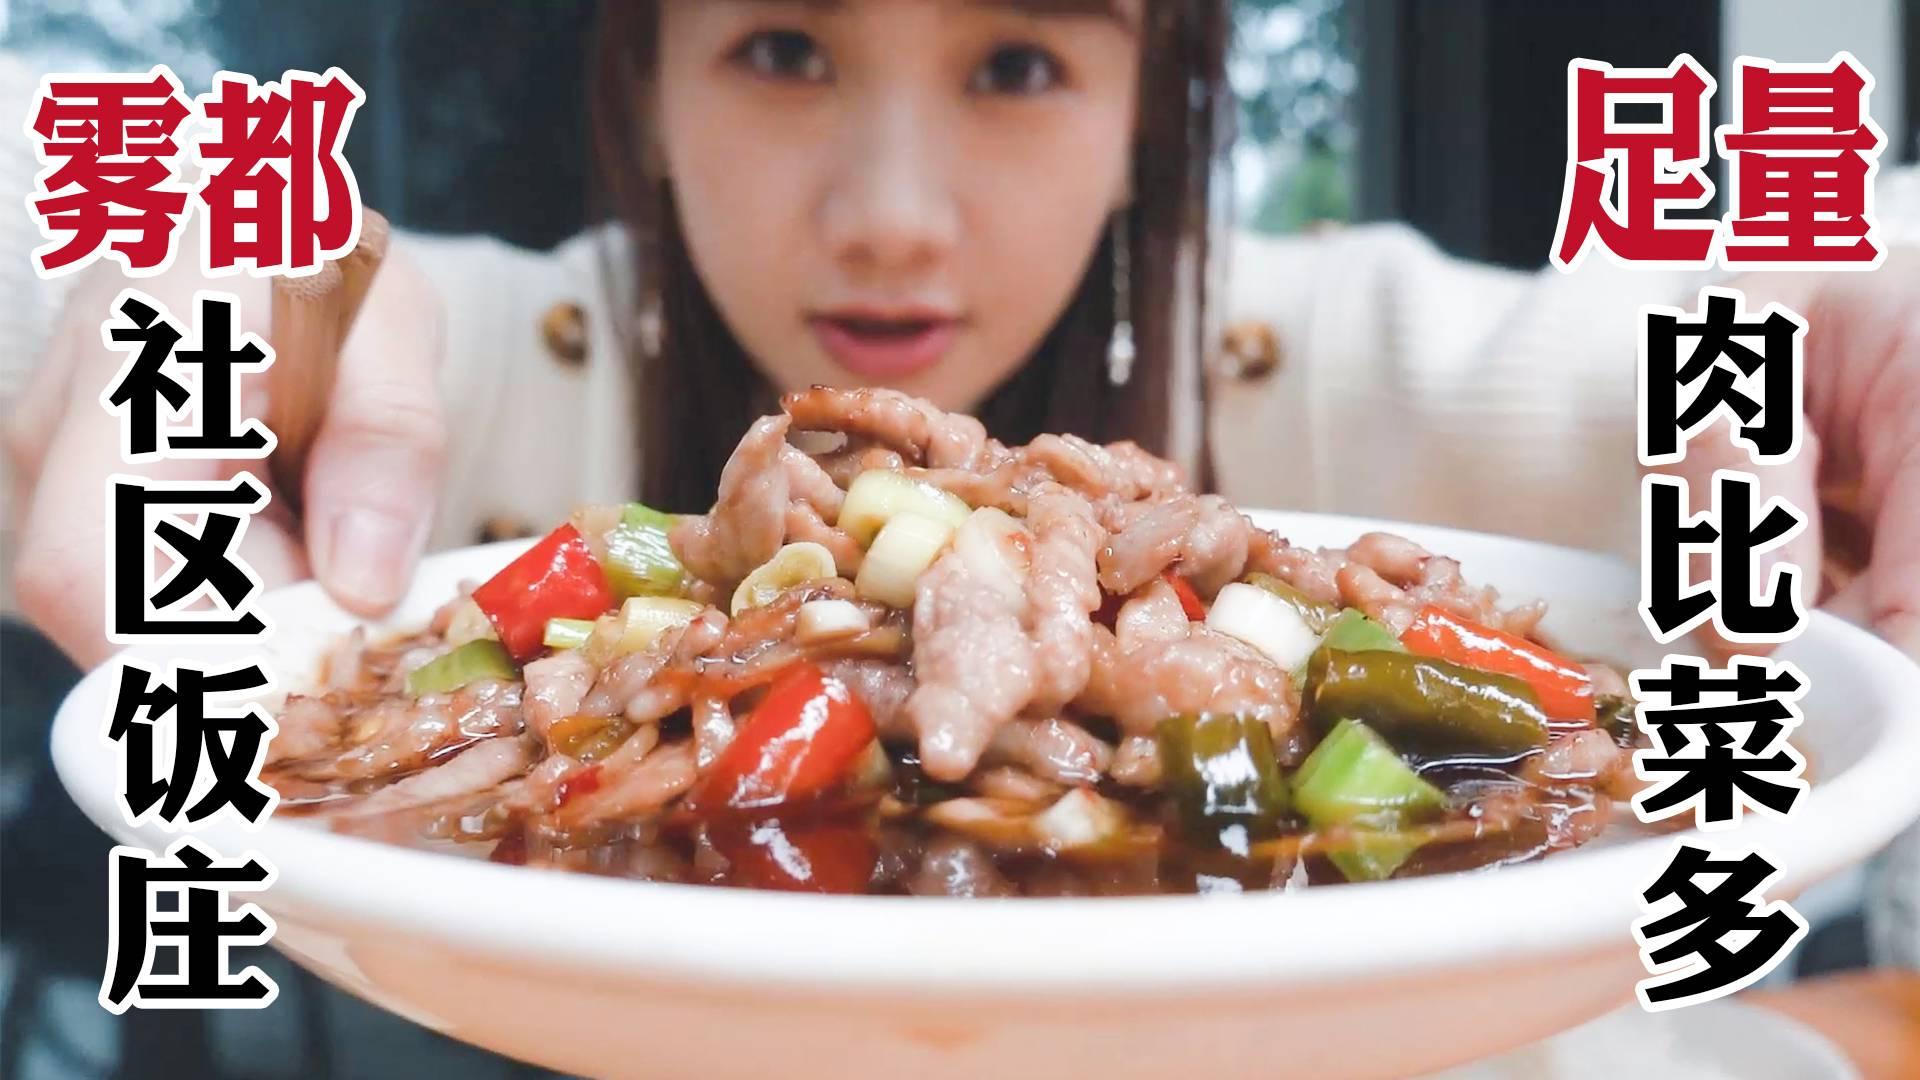 密子君·火遍重庆的社区饭庄,人均40元盘盘都是肉!下饭吃得香